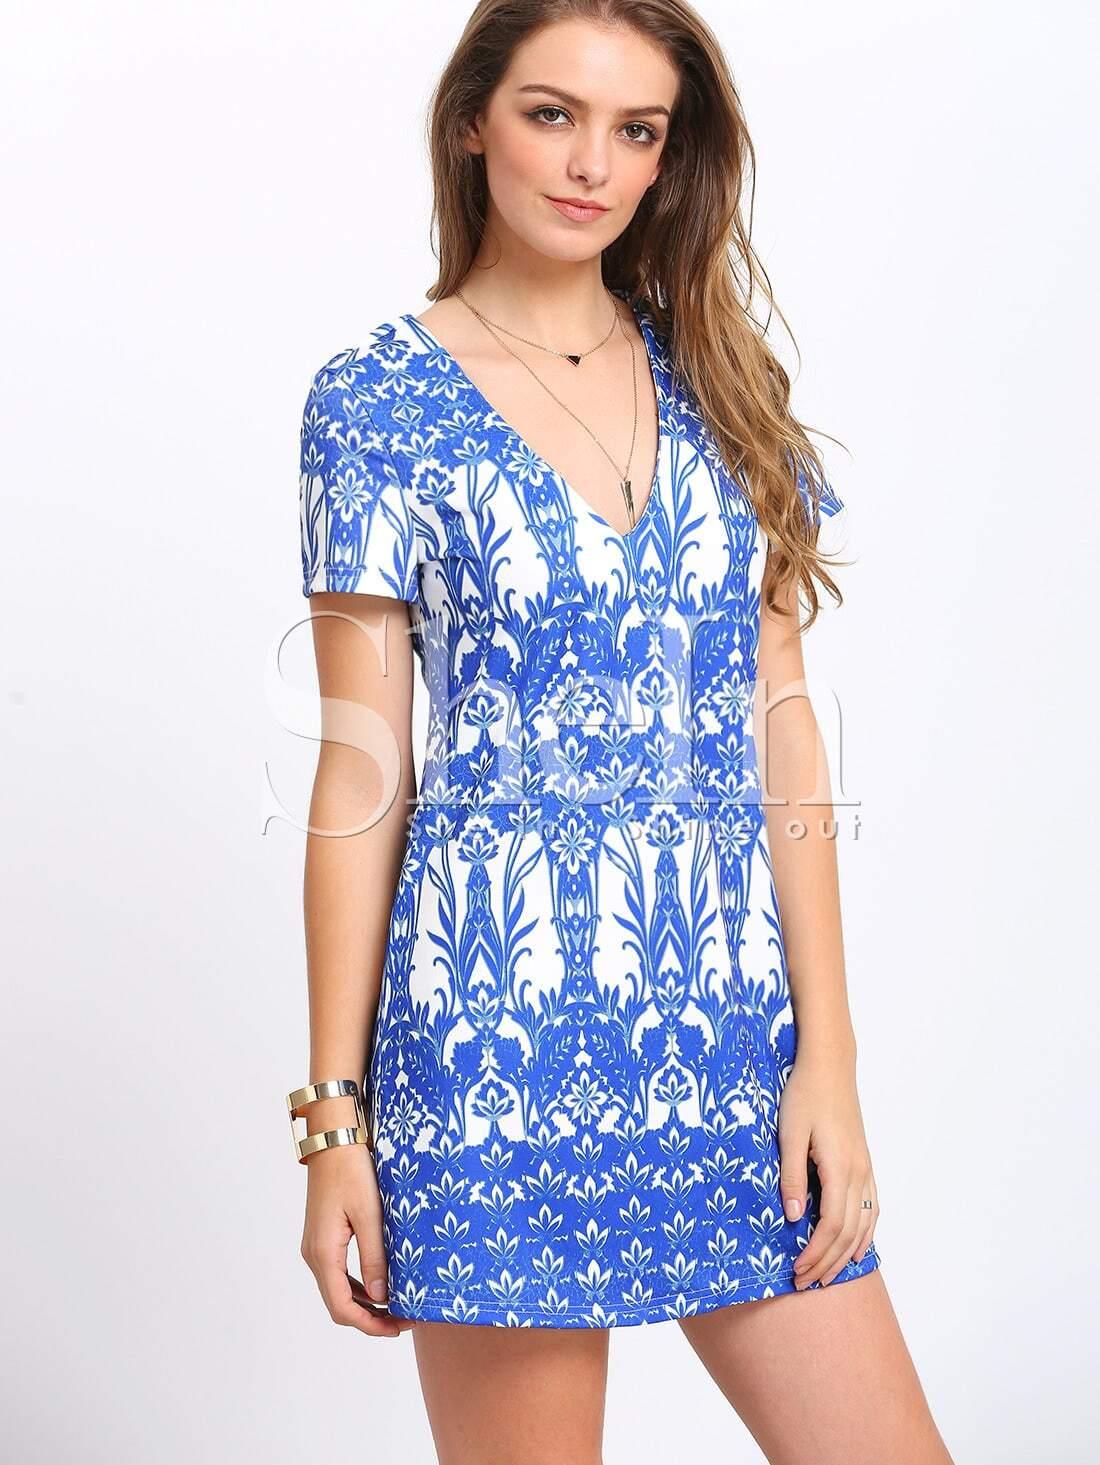 Blue Short Sleeve V Neck Vintage Print Dress -SheIn(Sheinside)